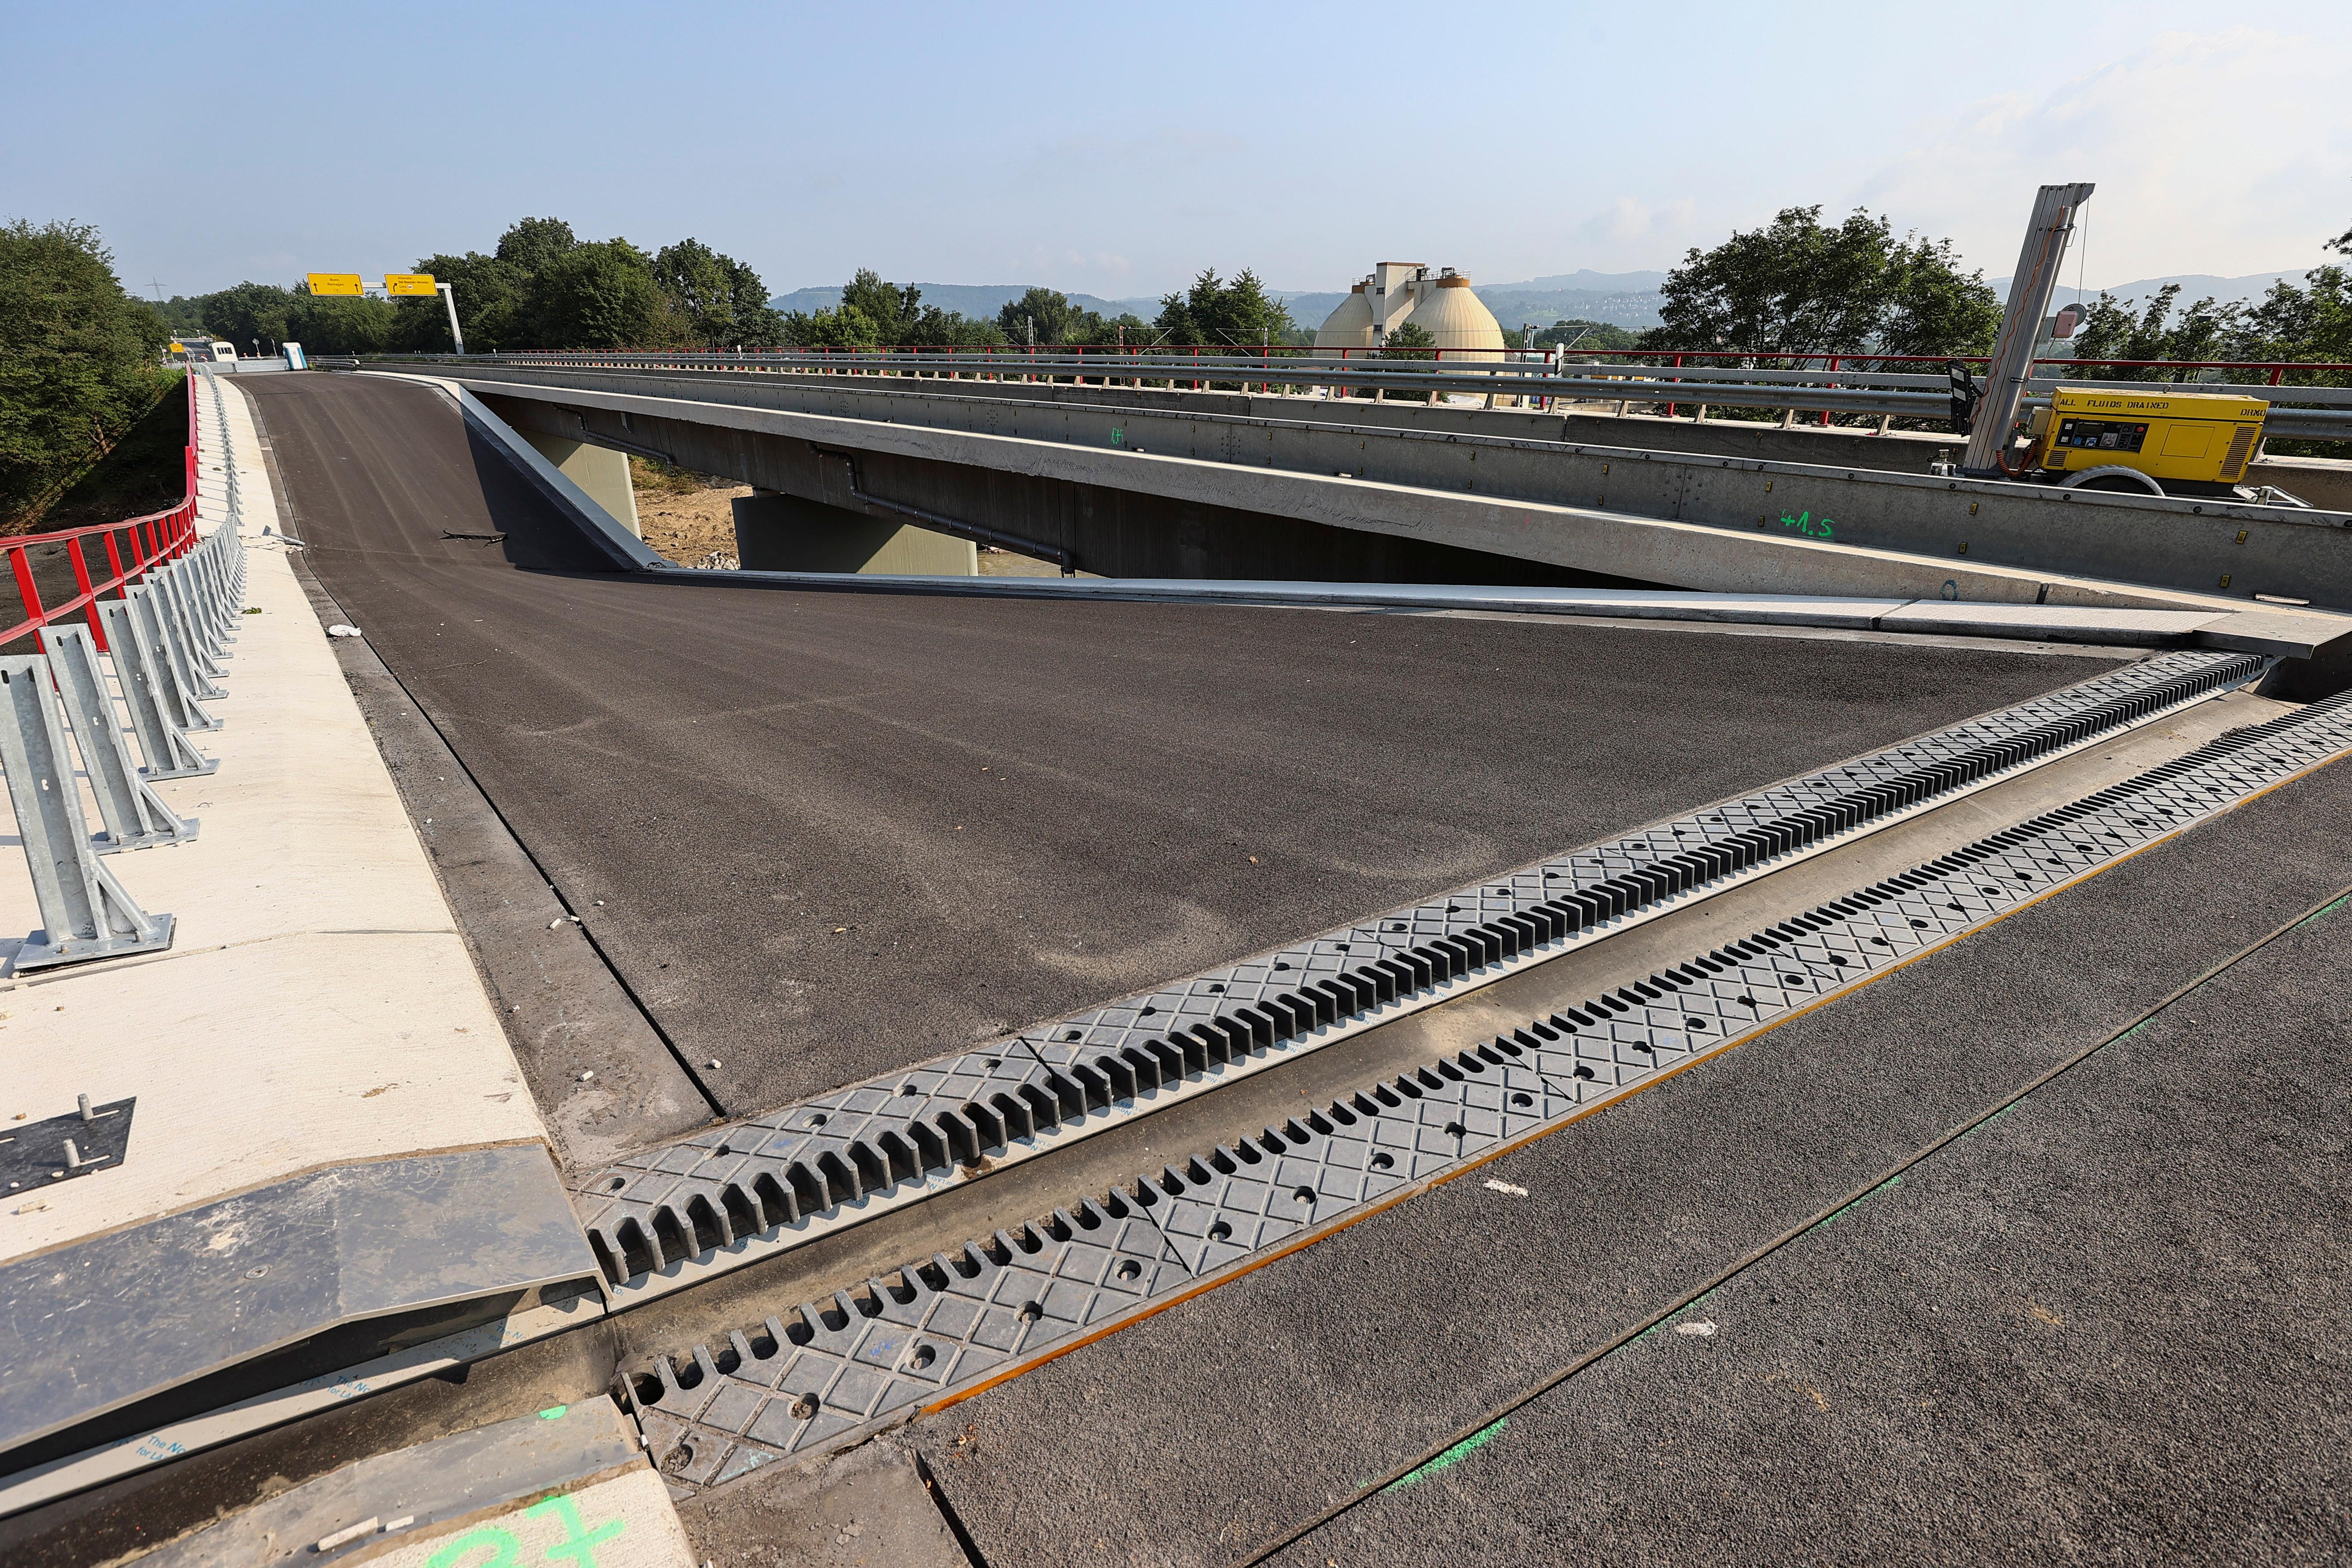 En ødelagt bro på B9 riksvei sees i et område som er rammet av flom forårsaket av kraftige nedbørsmengder, i Sinzig, Tyskland, 20. juli 2021. REUTERS / Wolfgang Rattay